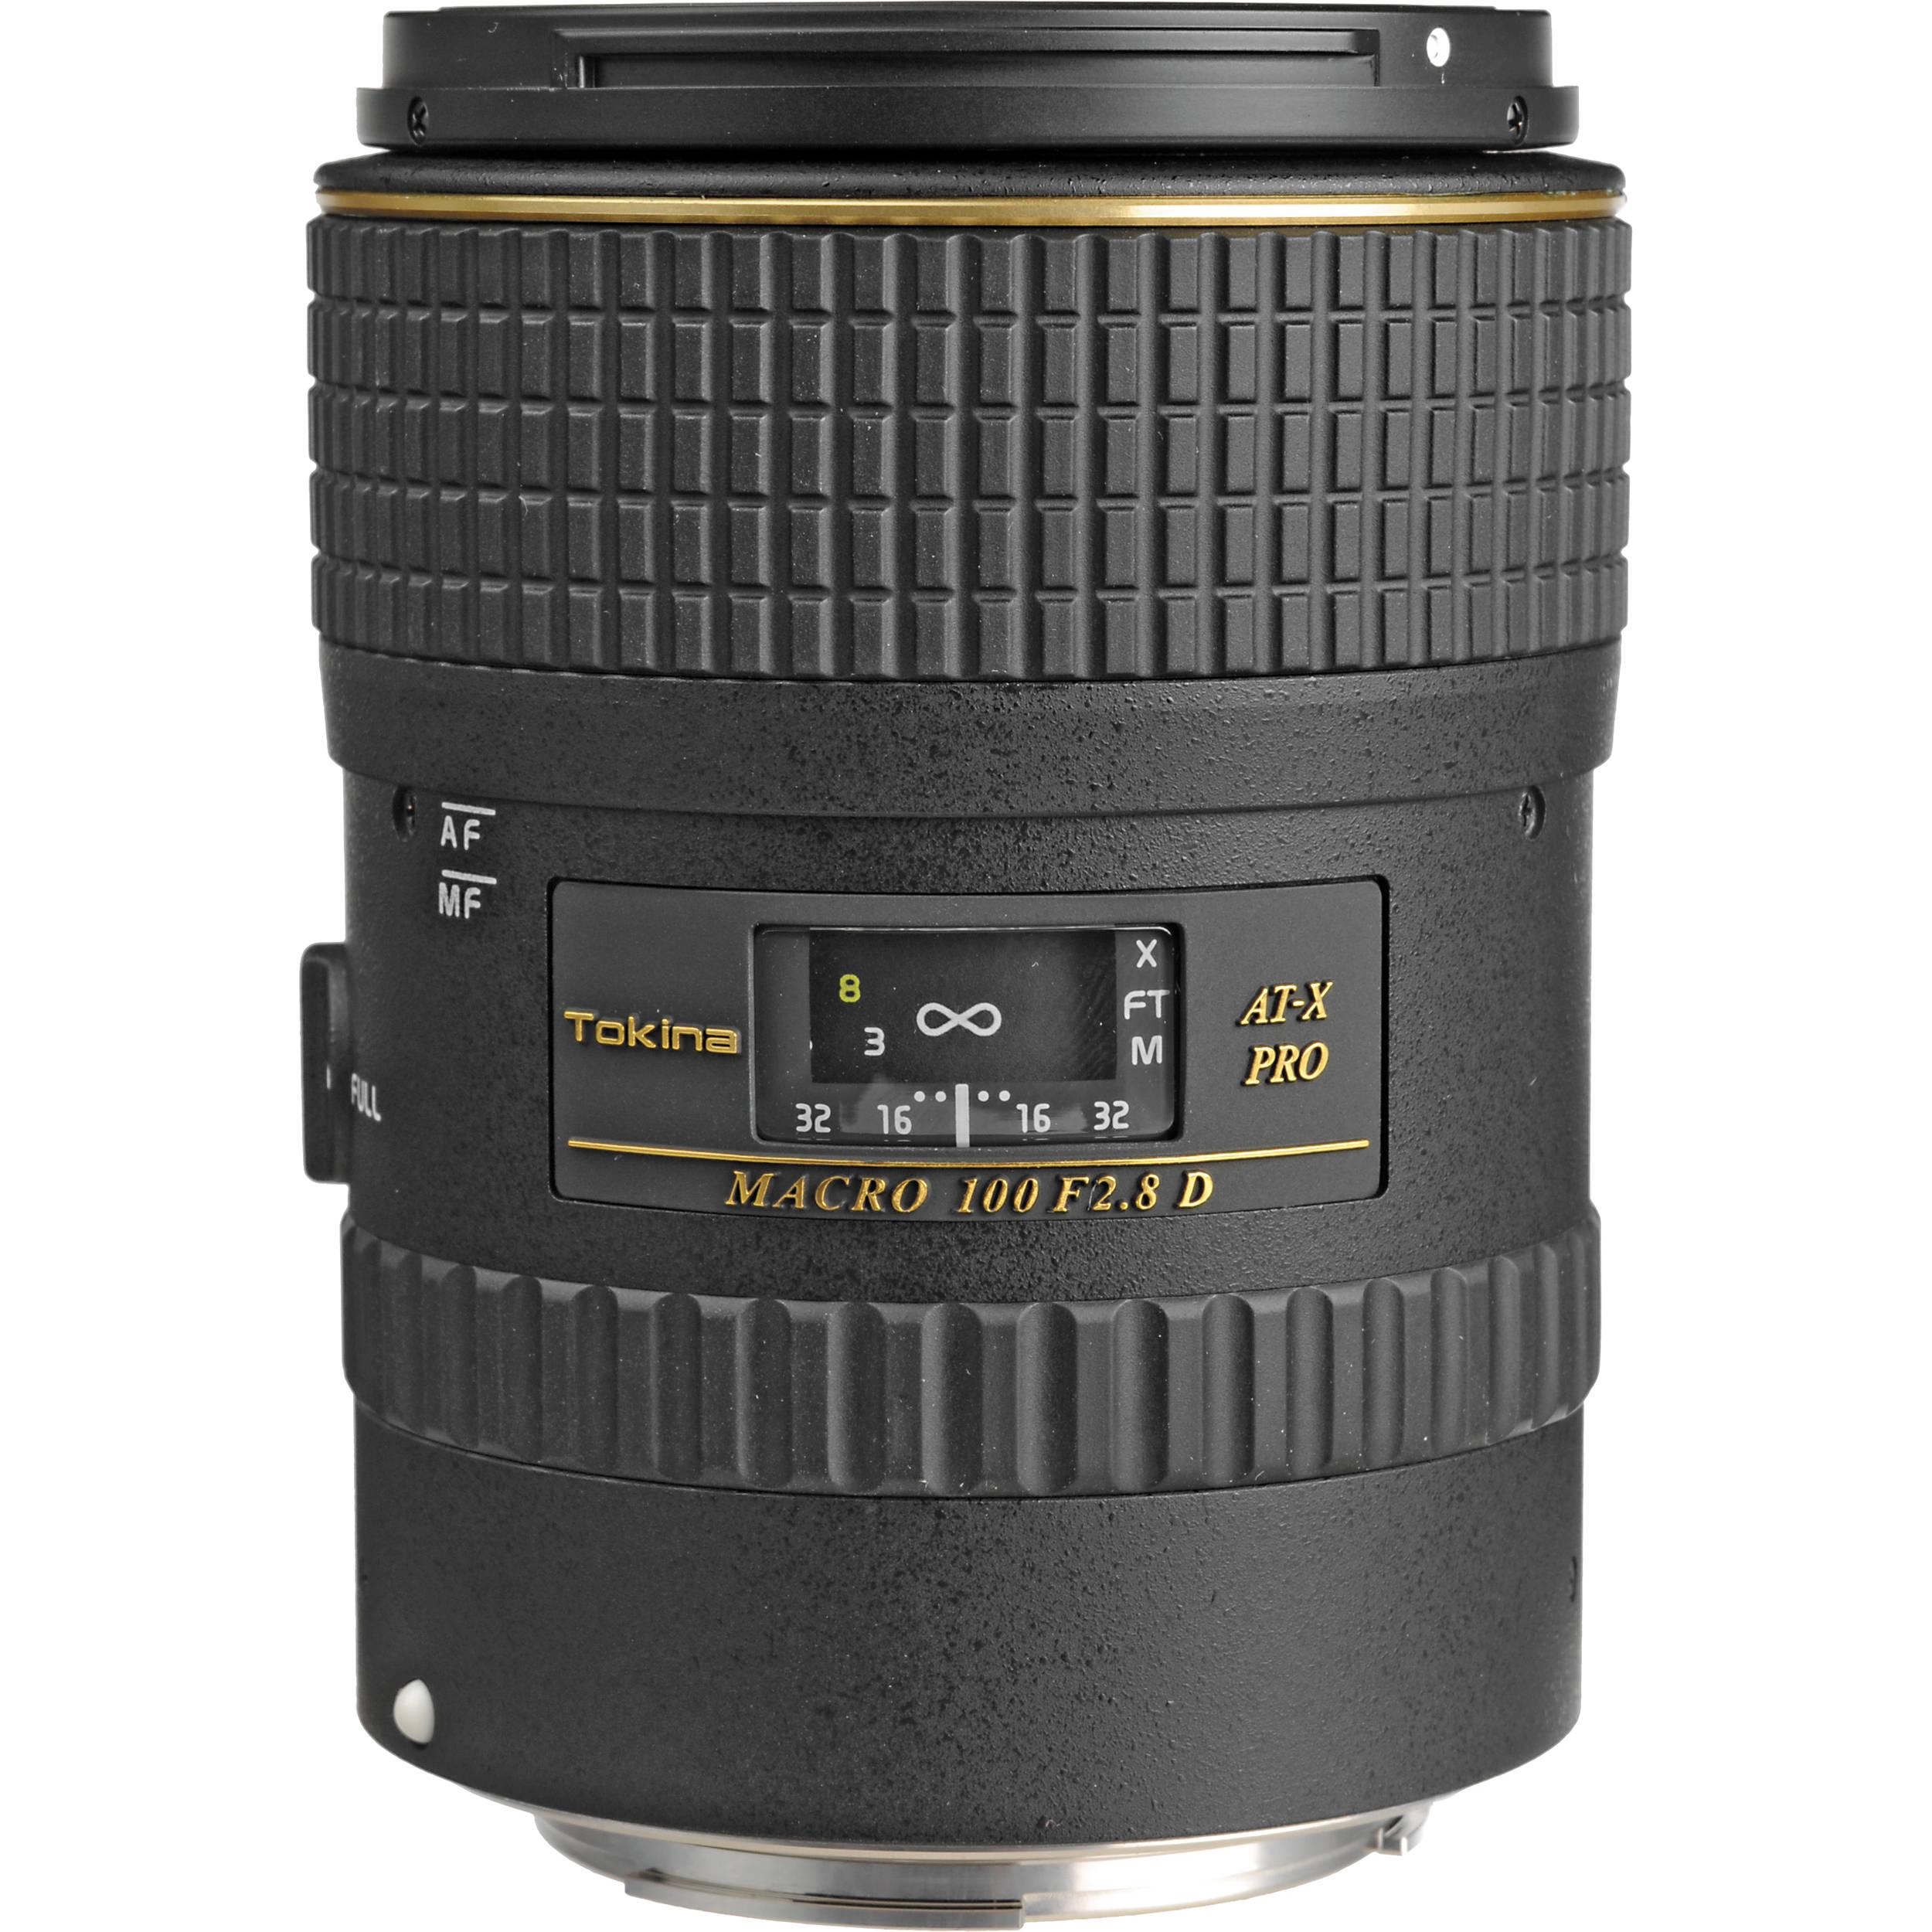 Tokina 100mm f/2.8 AT-X M100 AF Pro D Macro ATXAFM100PROC B&H